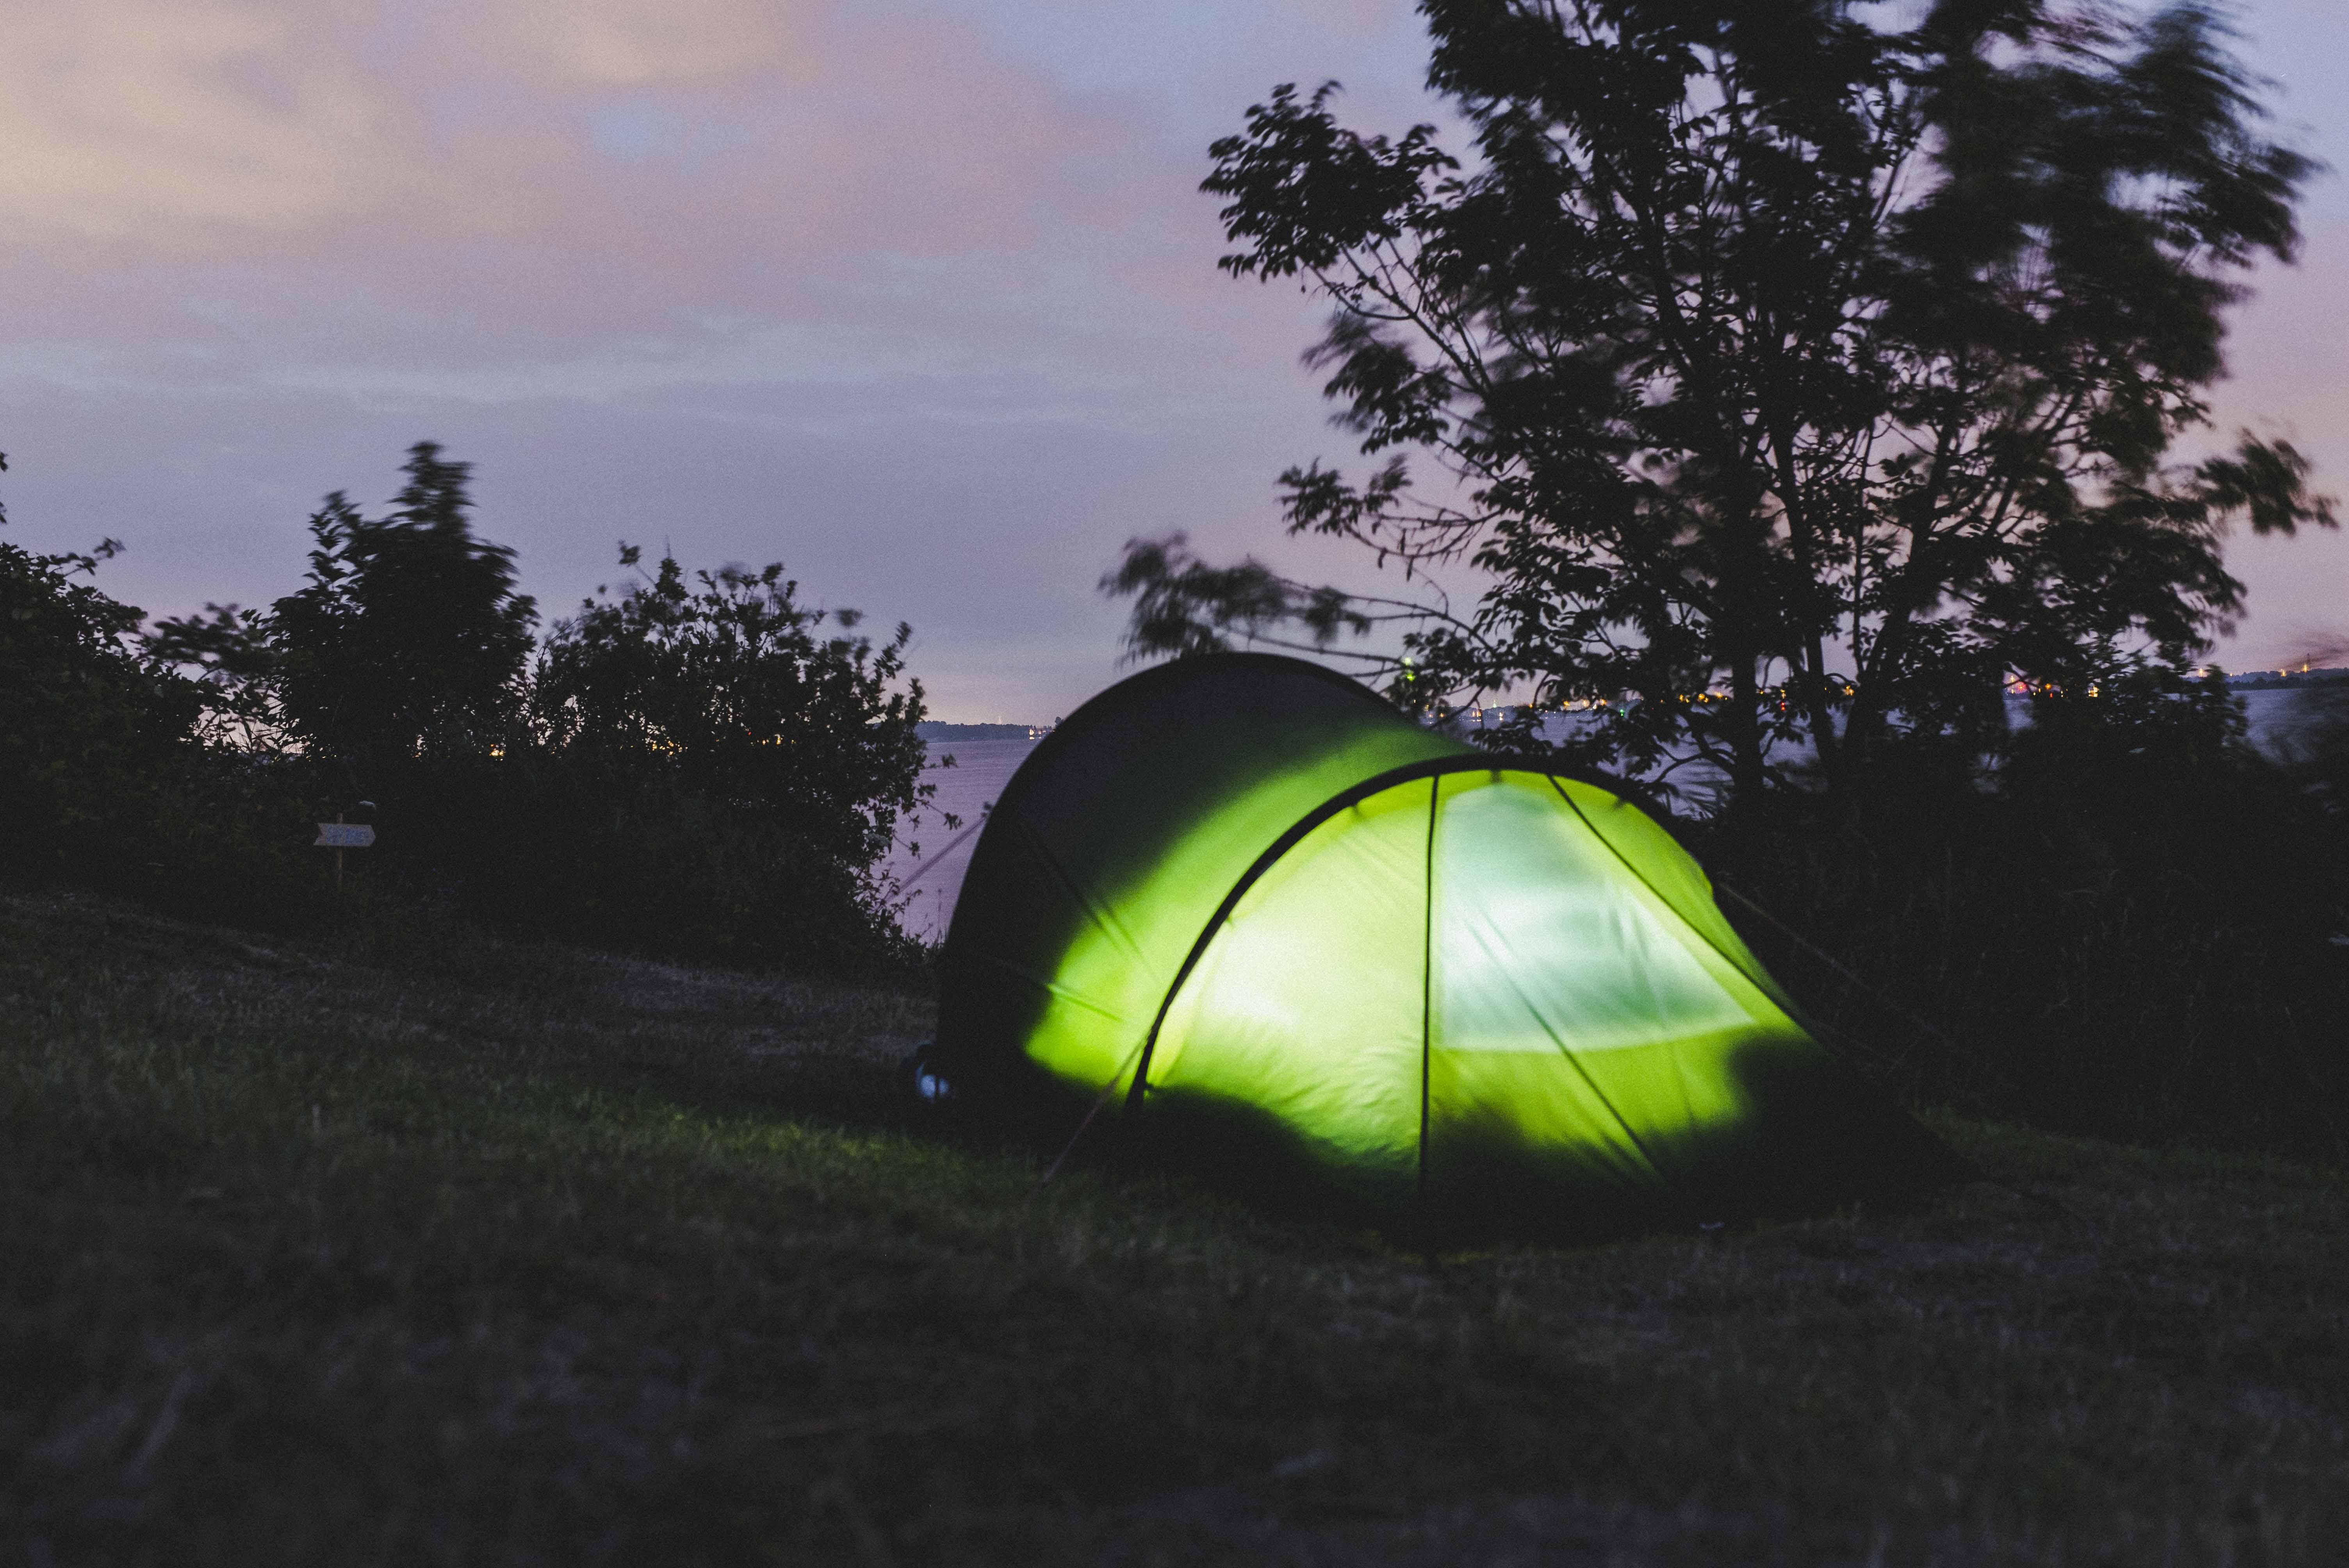 bespaar grote verscheidenheid aan modellen gloednieuw Campspace-x-Fjallraven-53 - Pampus